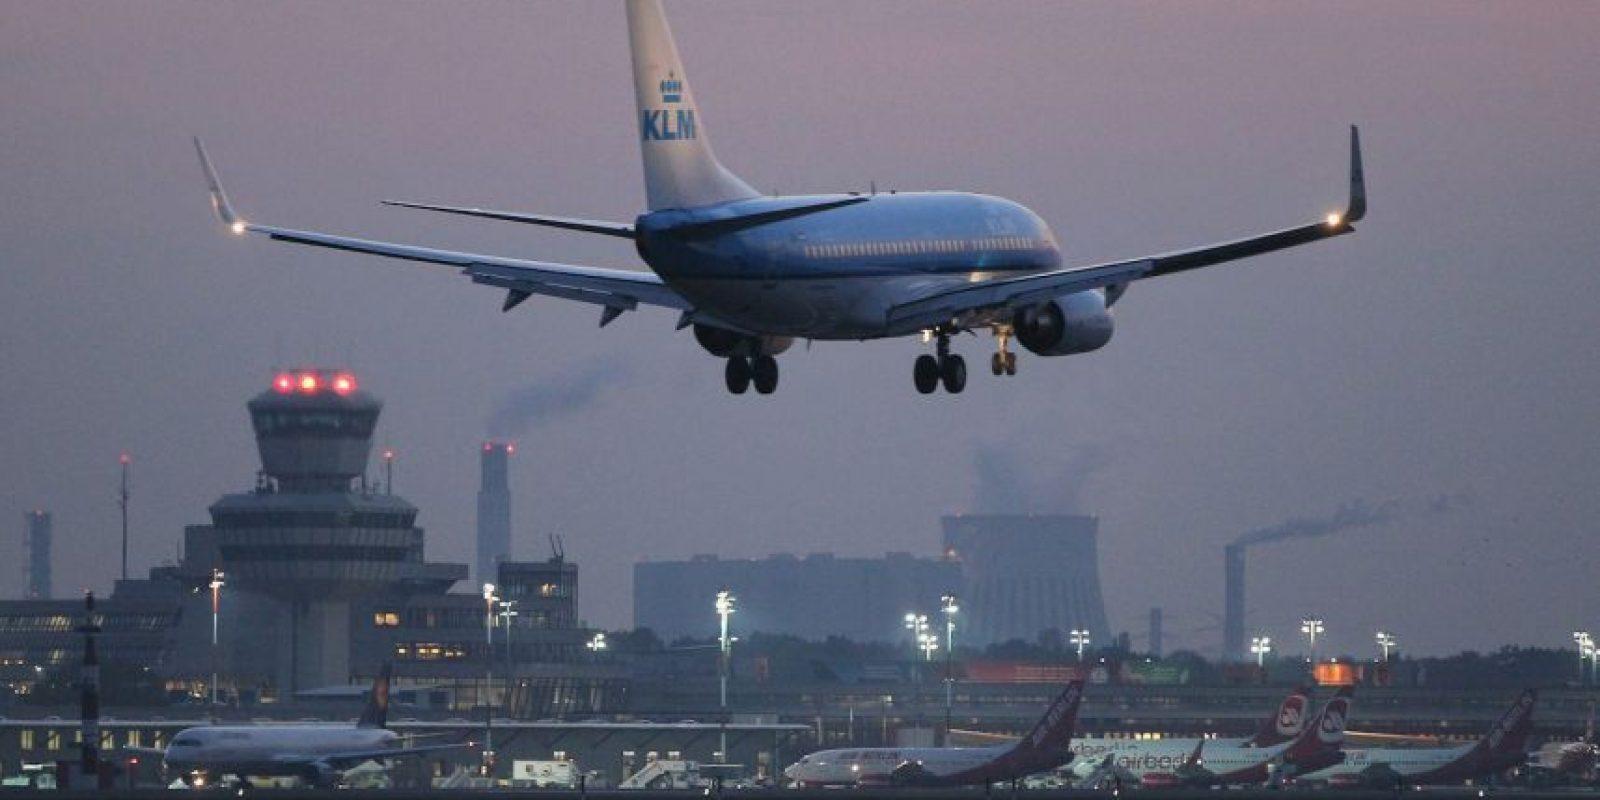 El Boeing 777 se ladeó debido a los fuertes vientos. Foto:Getty Images